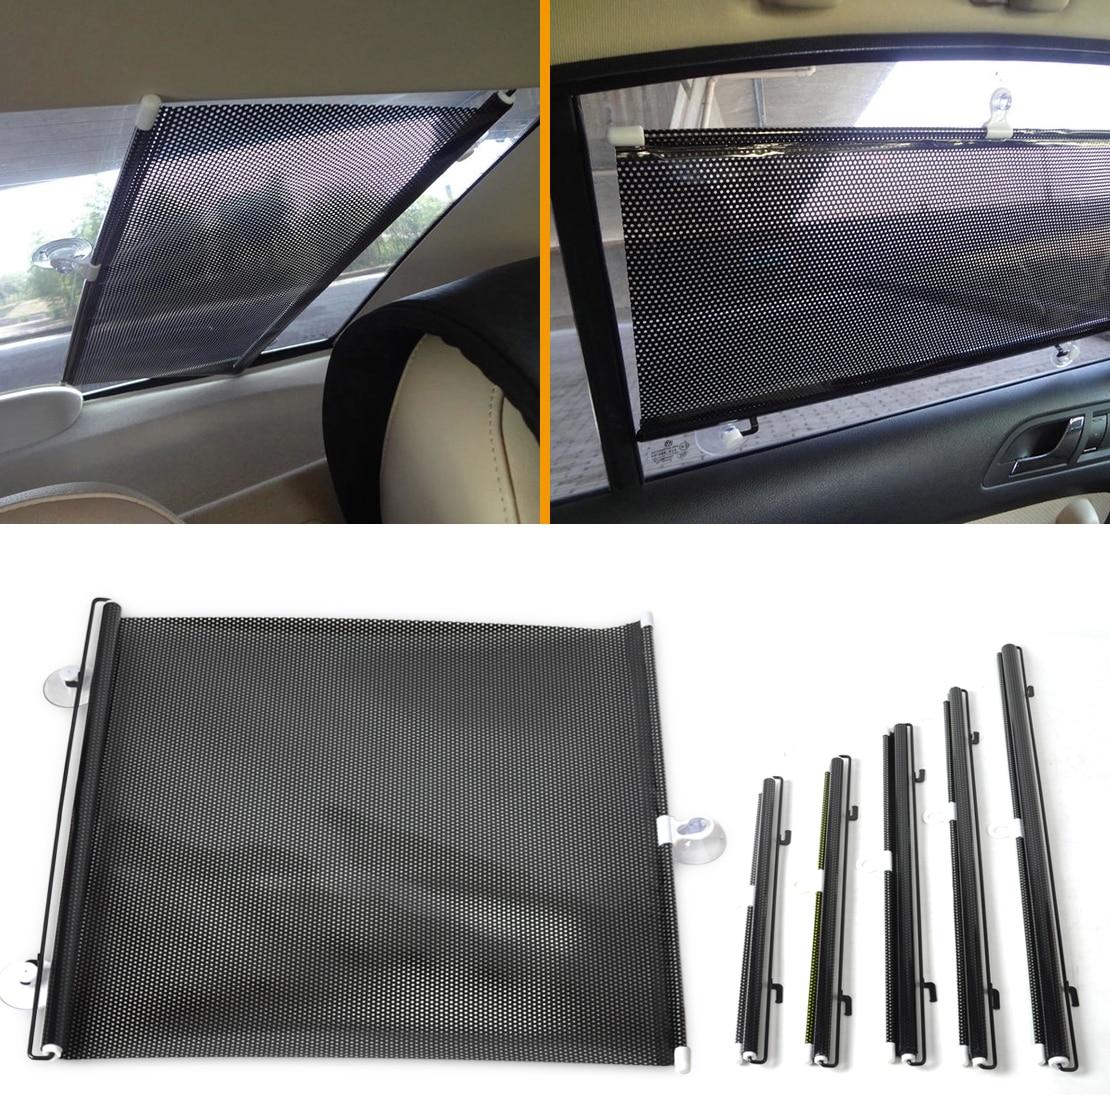 DWCX 40x60 cm Araba Ön / Arka Geri Çekilebilir Cam Pencere Güneşlik Güneşlik Güneş Gölge Perde Ford Audi Için Honda Toyota Toyota BMW VW